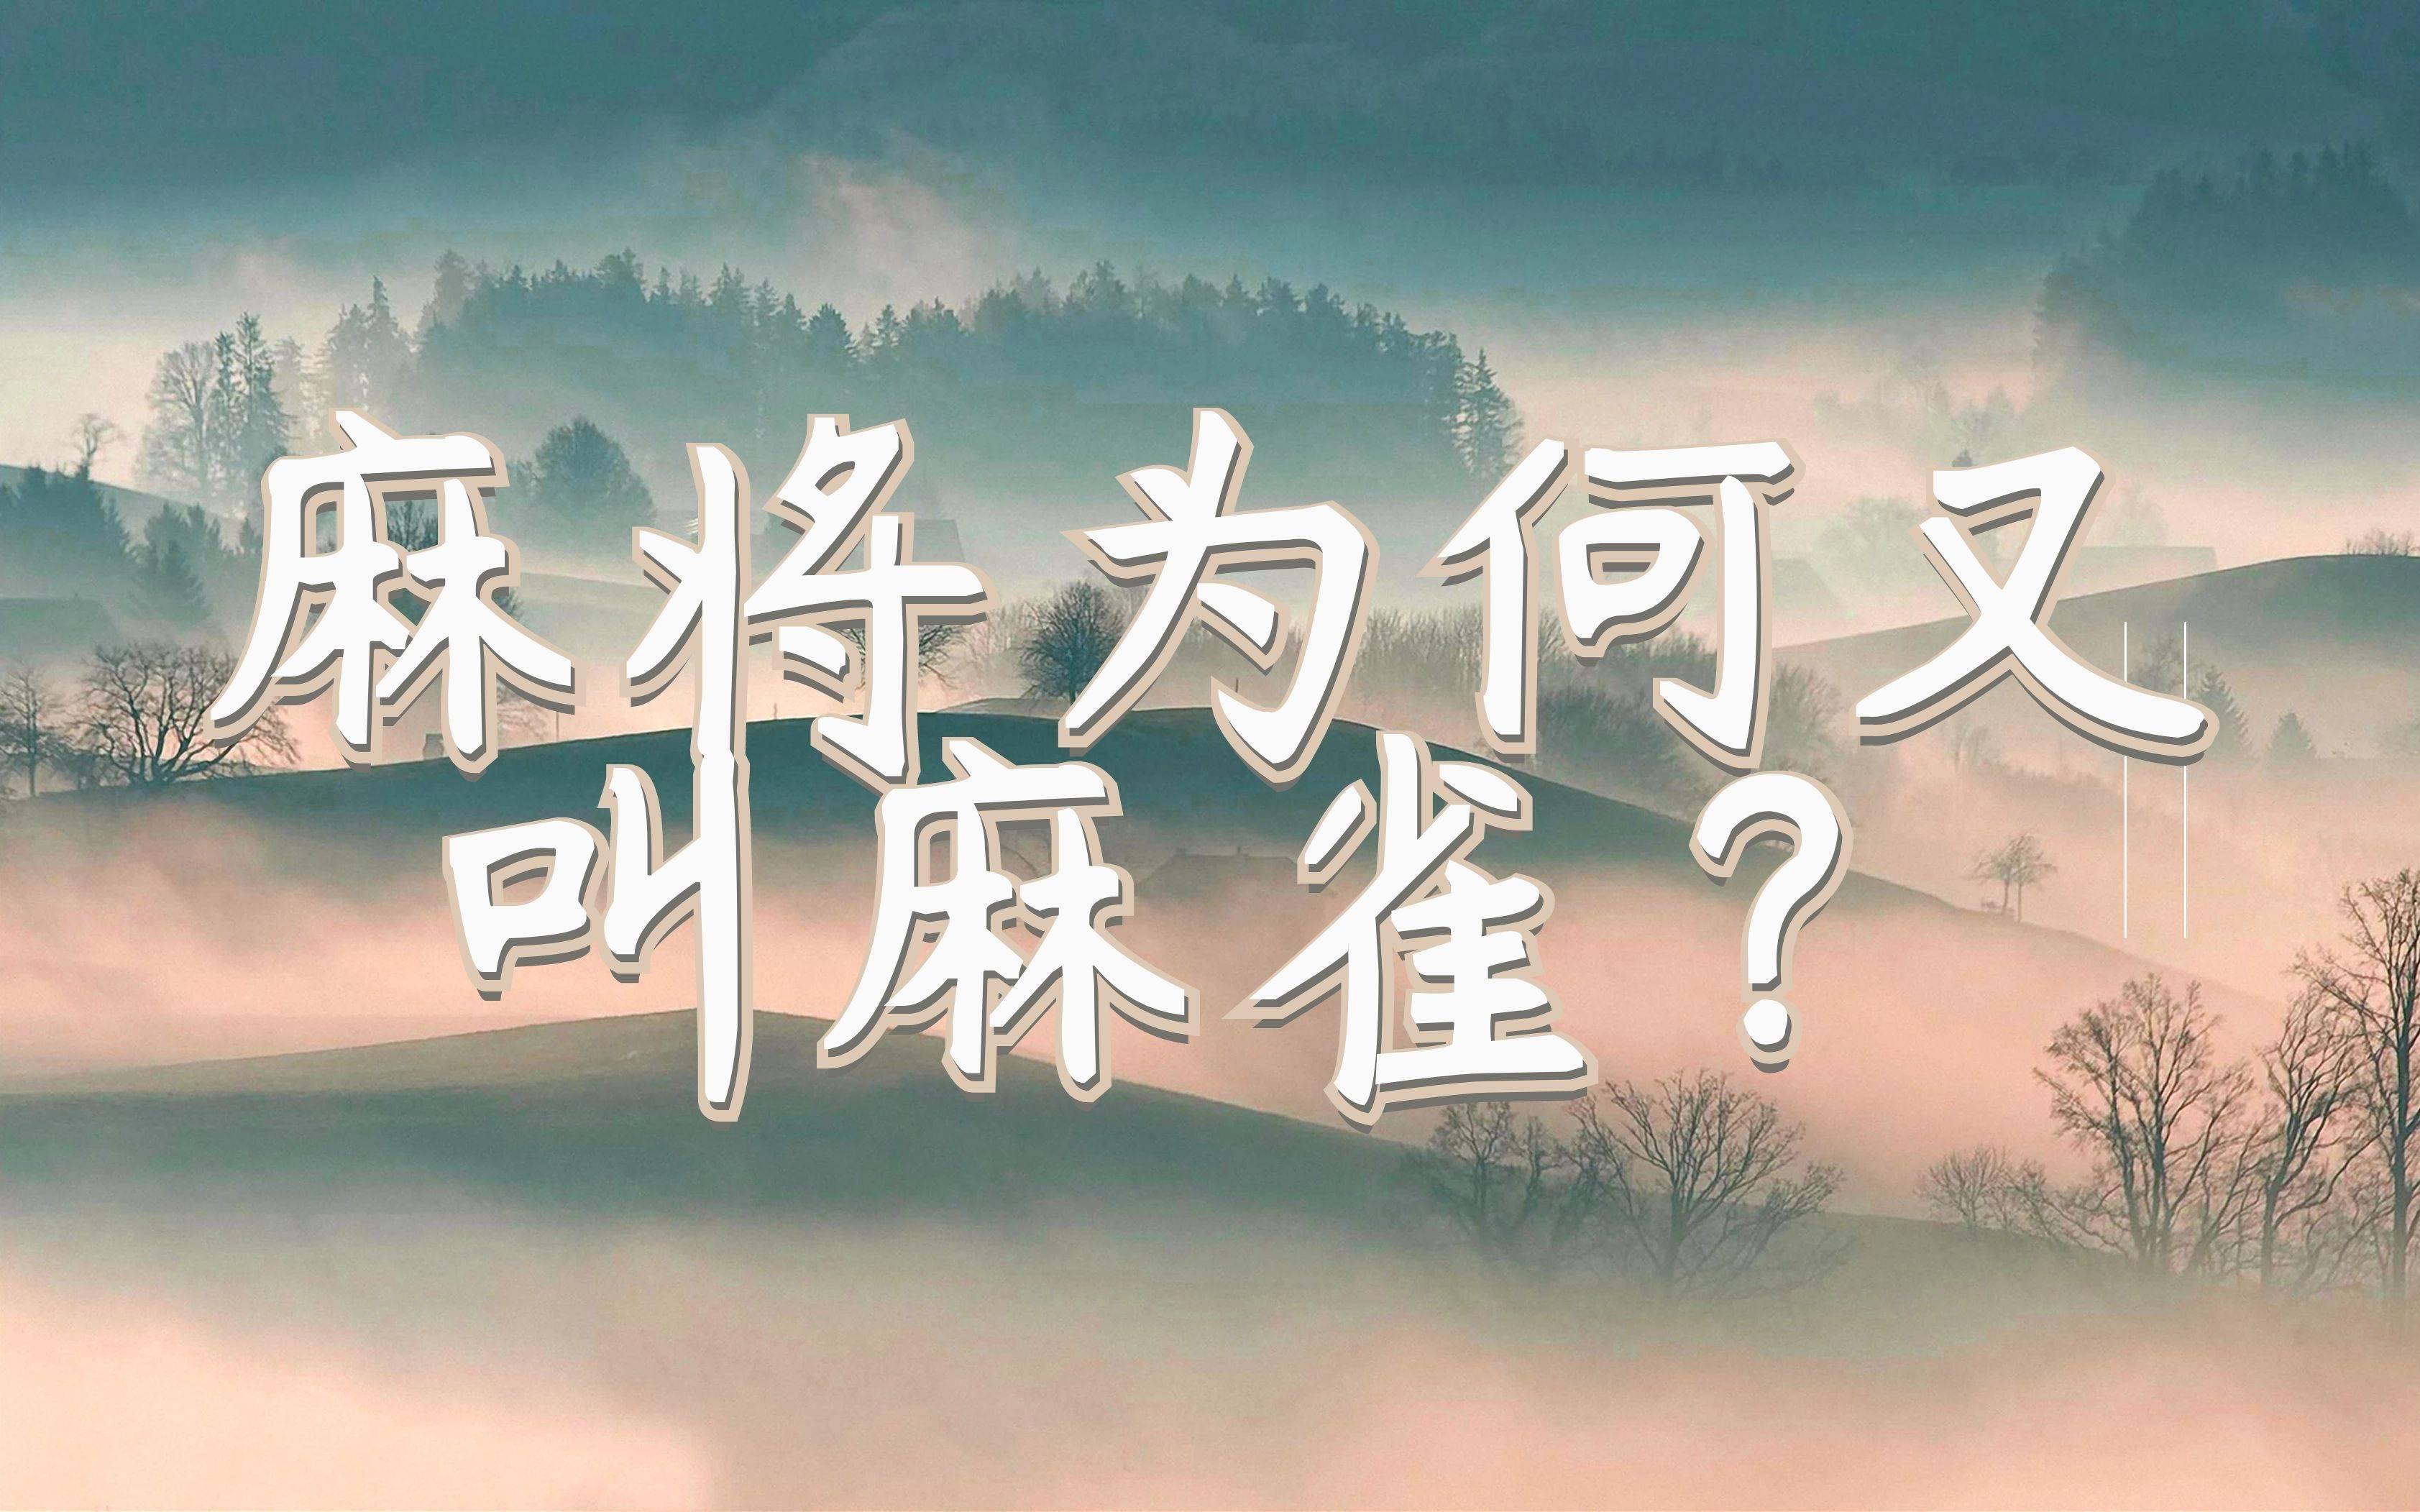 盖闻麻将:麻将为何又叫麻雀?